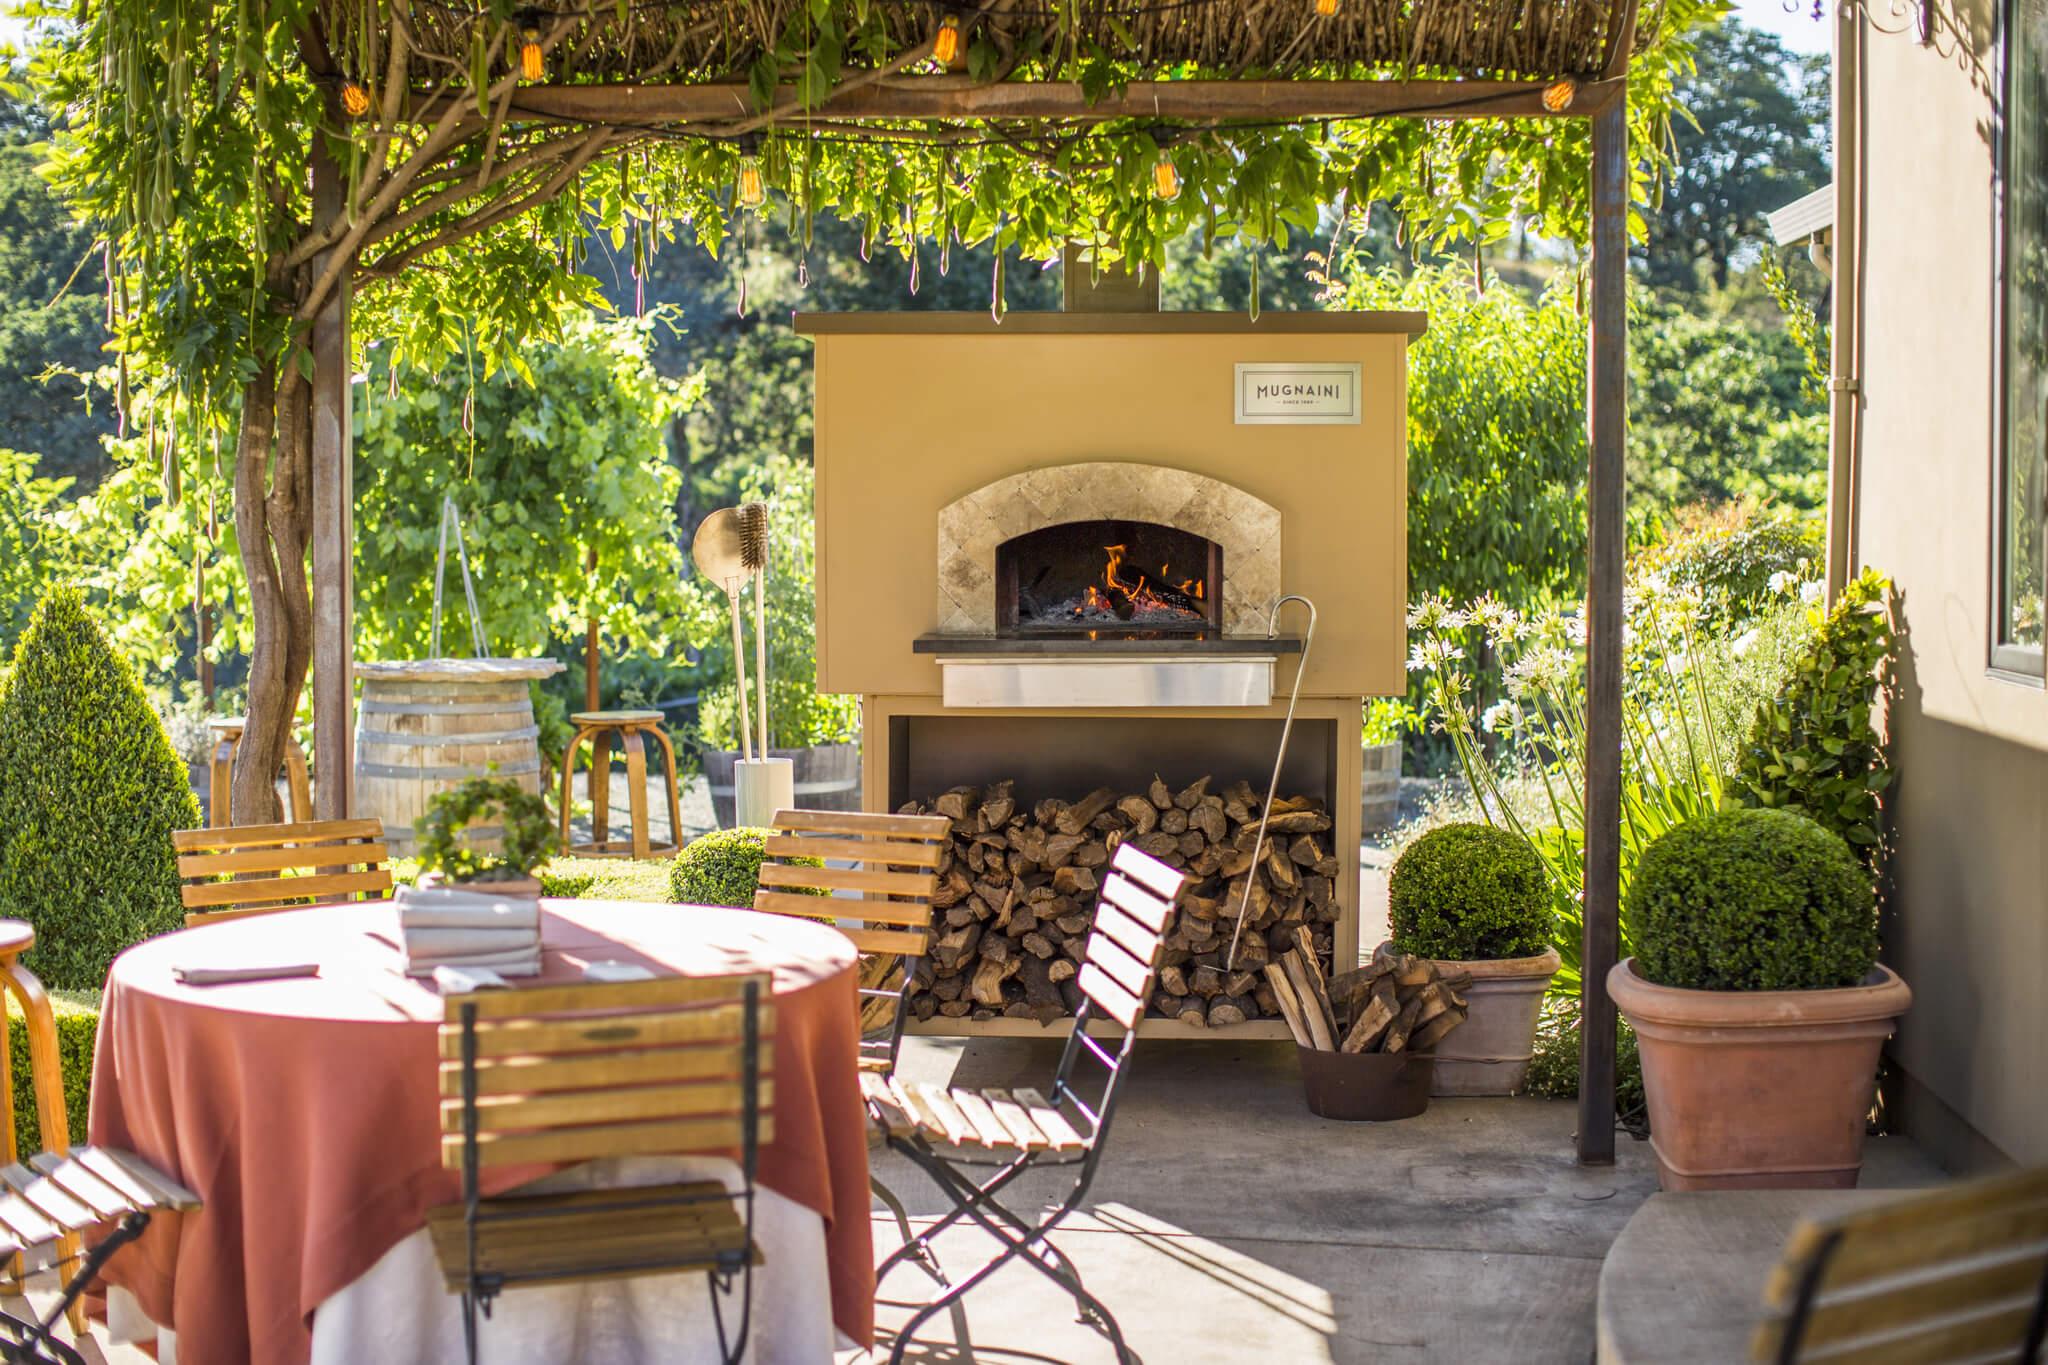 Mugnaini wood fired oven, outdoor